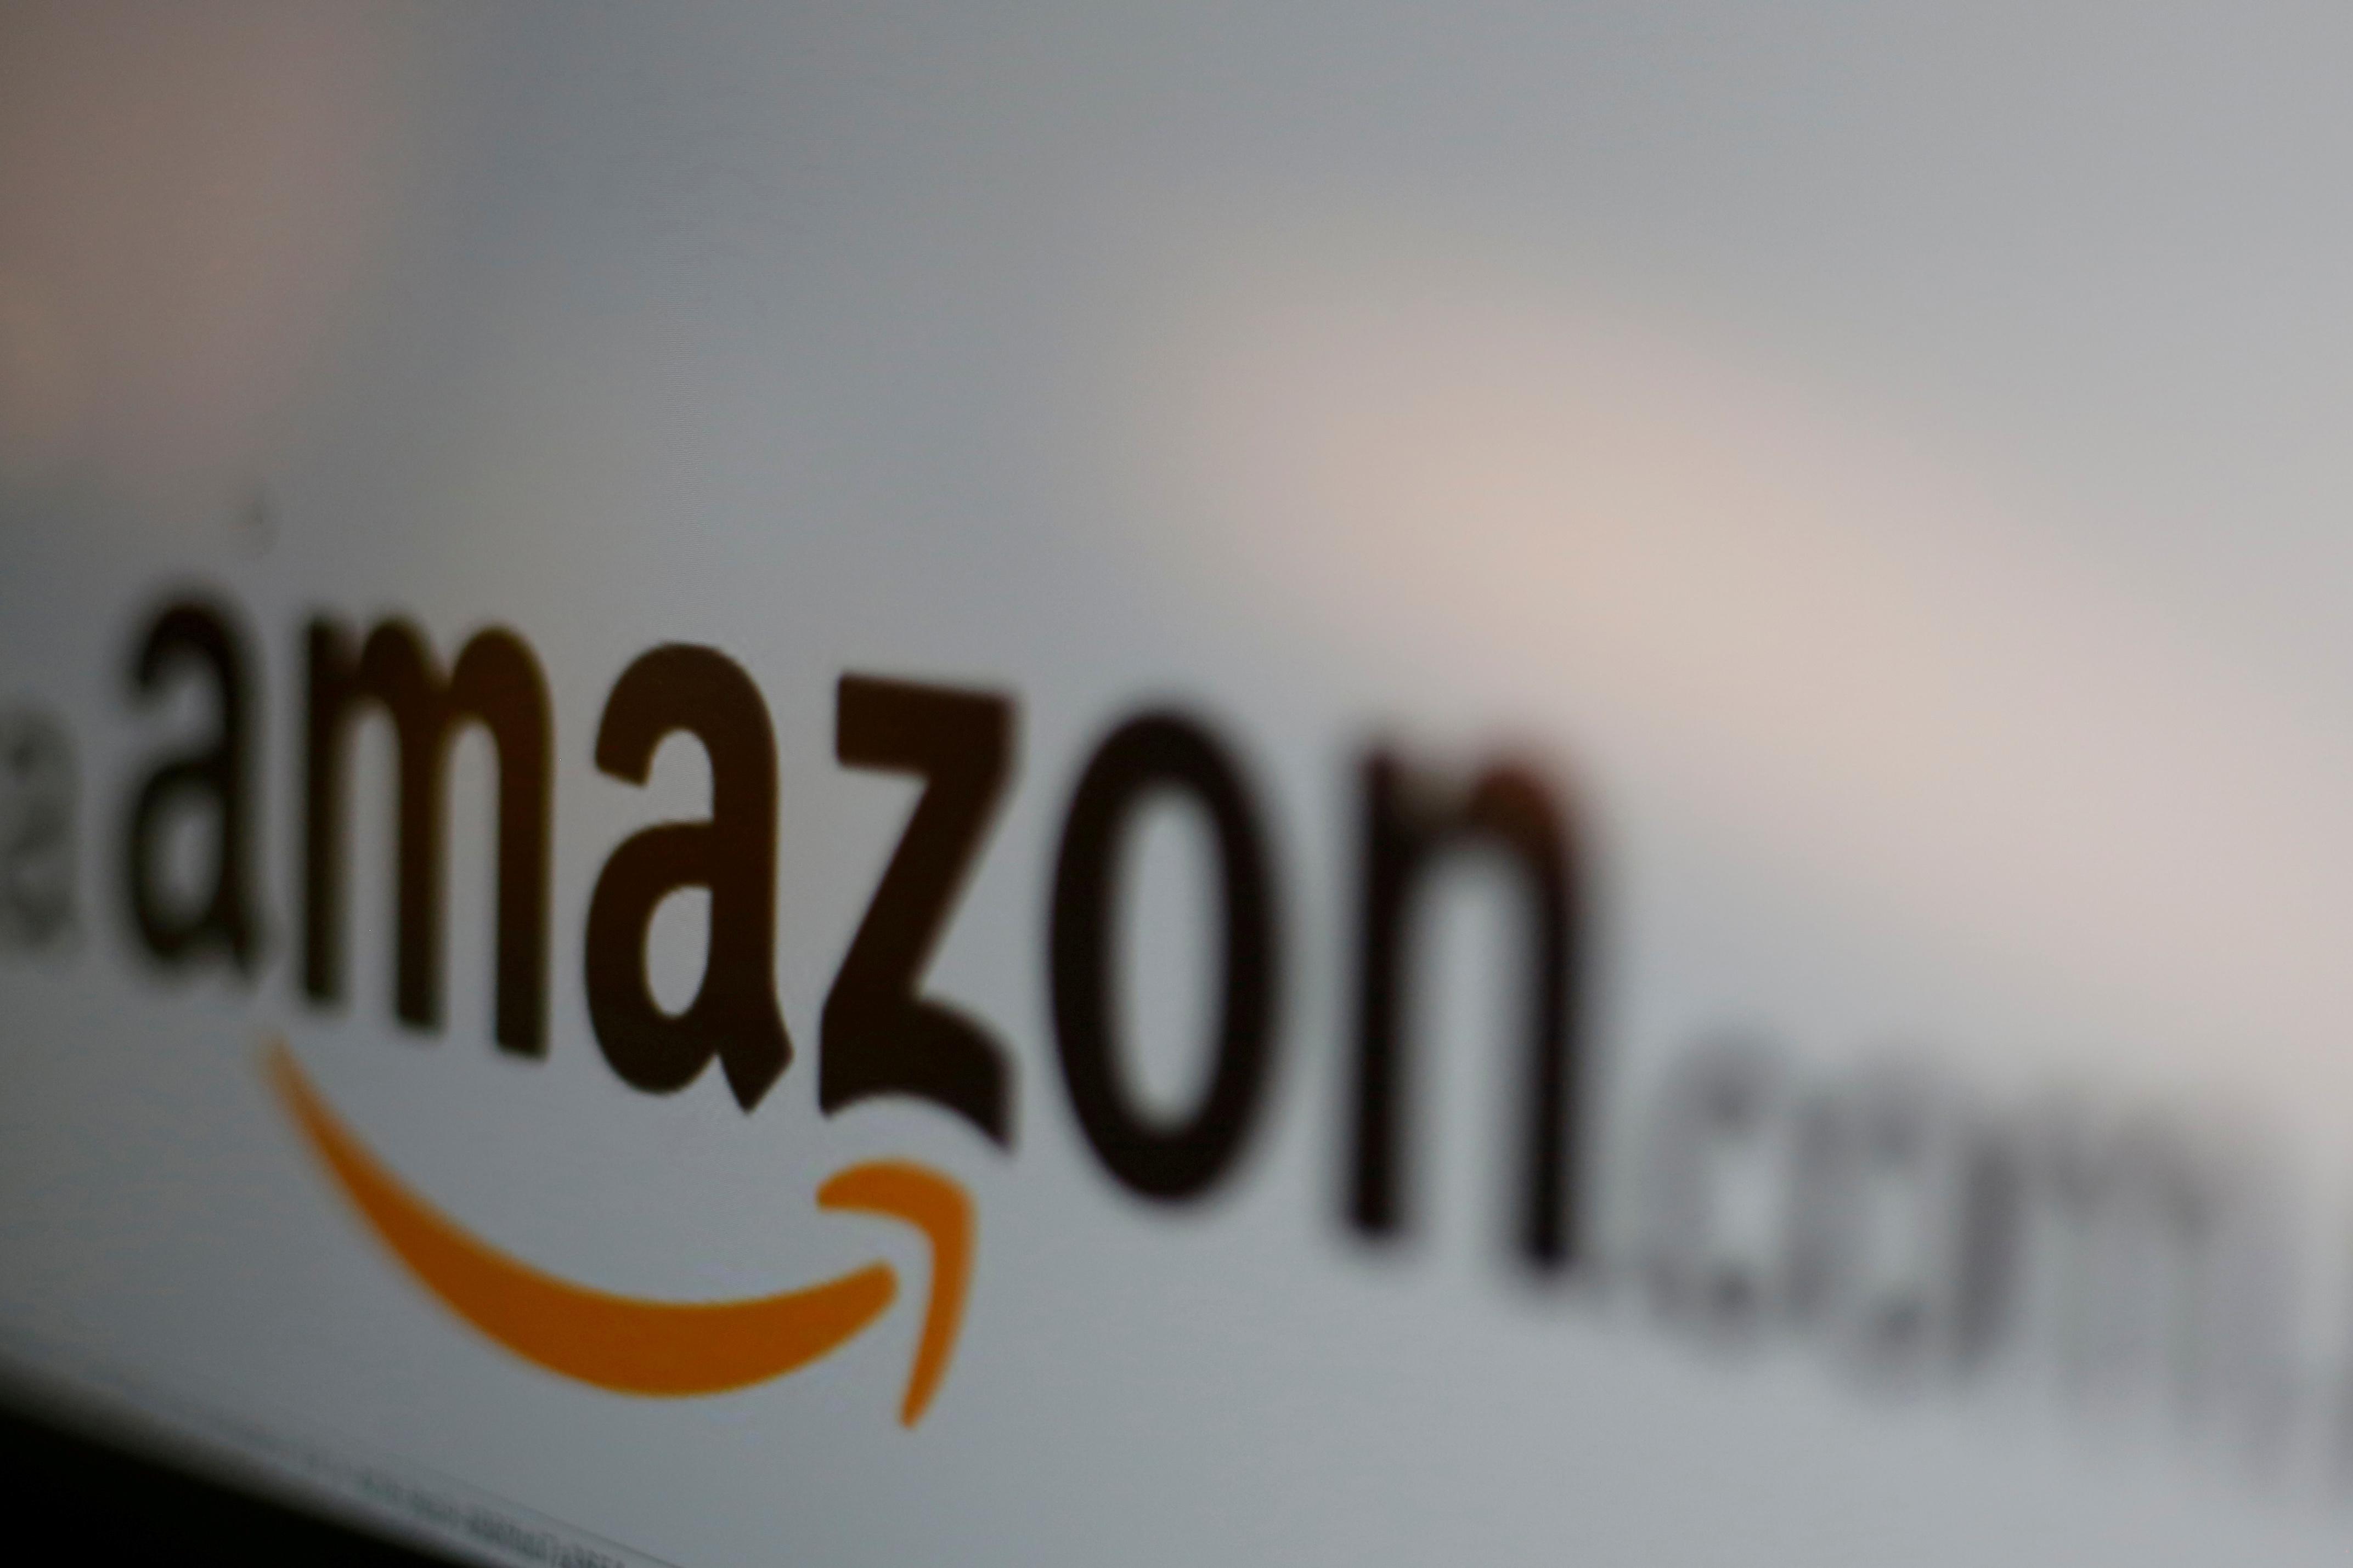 أعلنت شركة أمازون عن حاجتها لتوظيف 100 ألف شخص